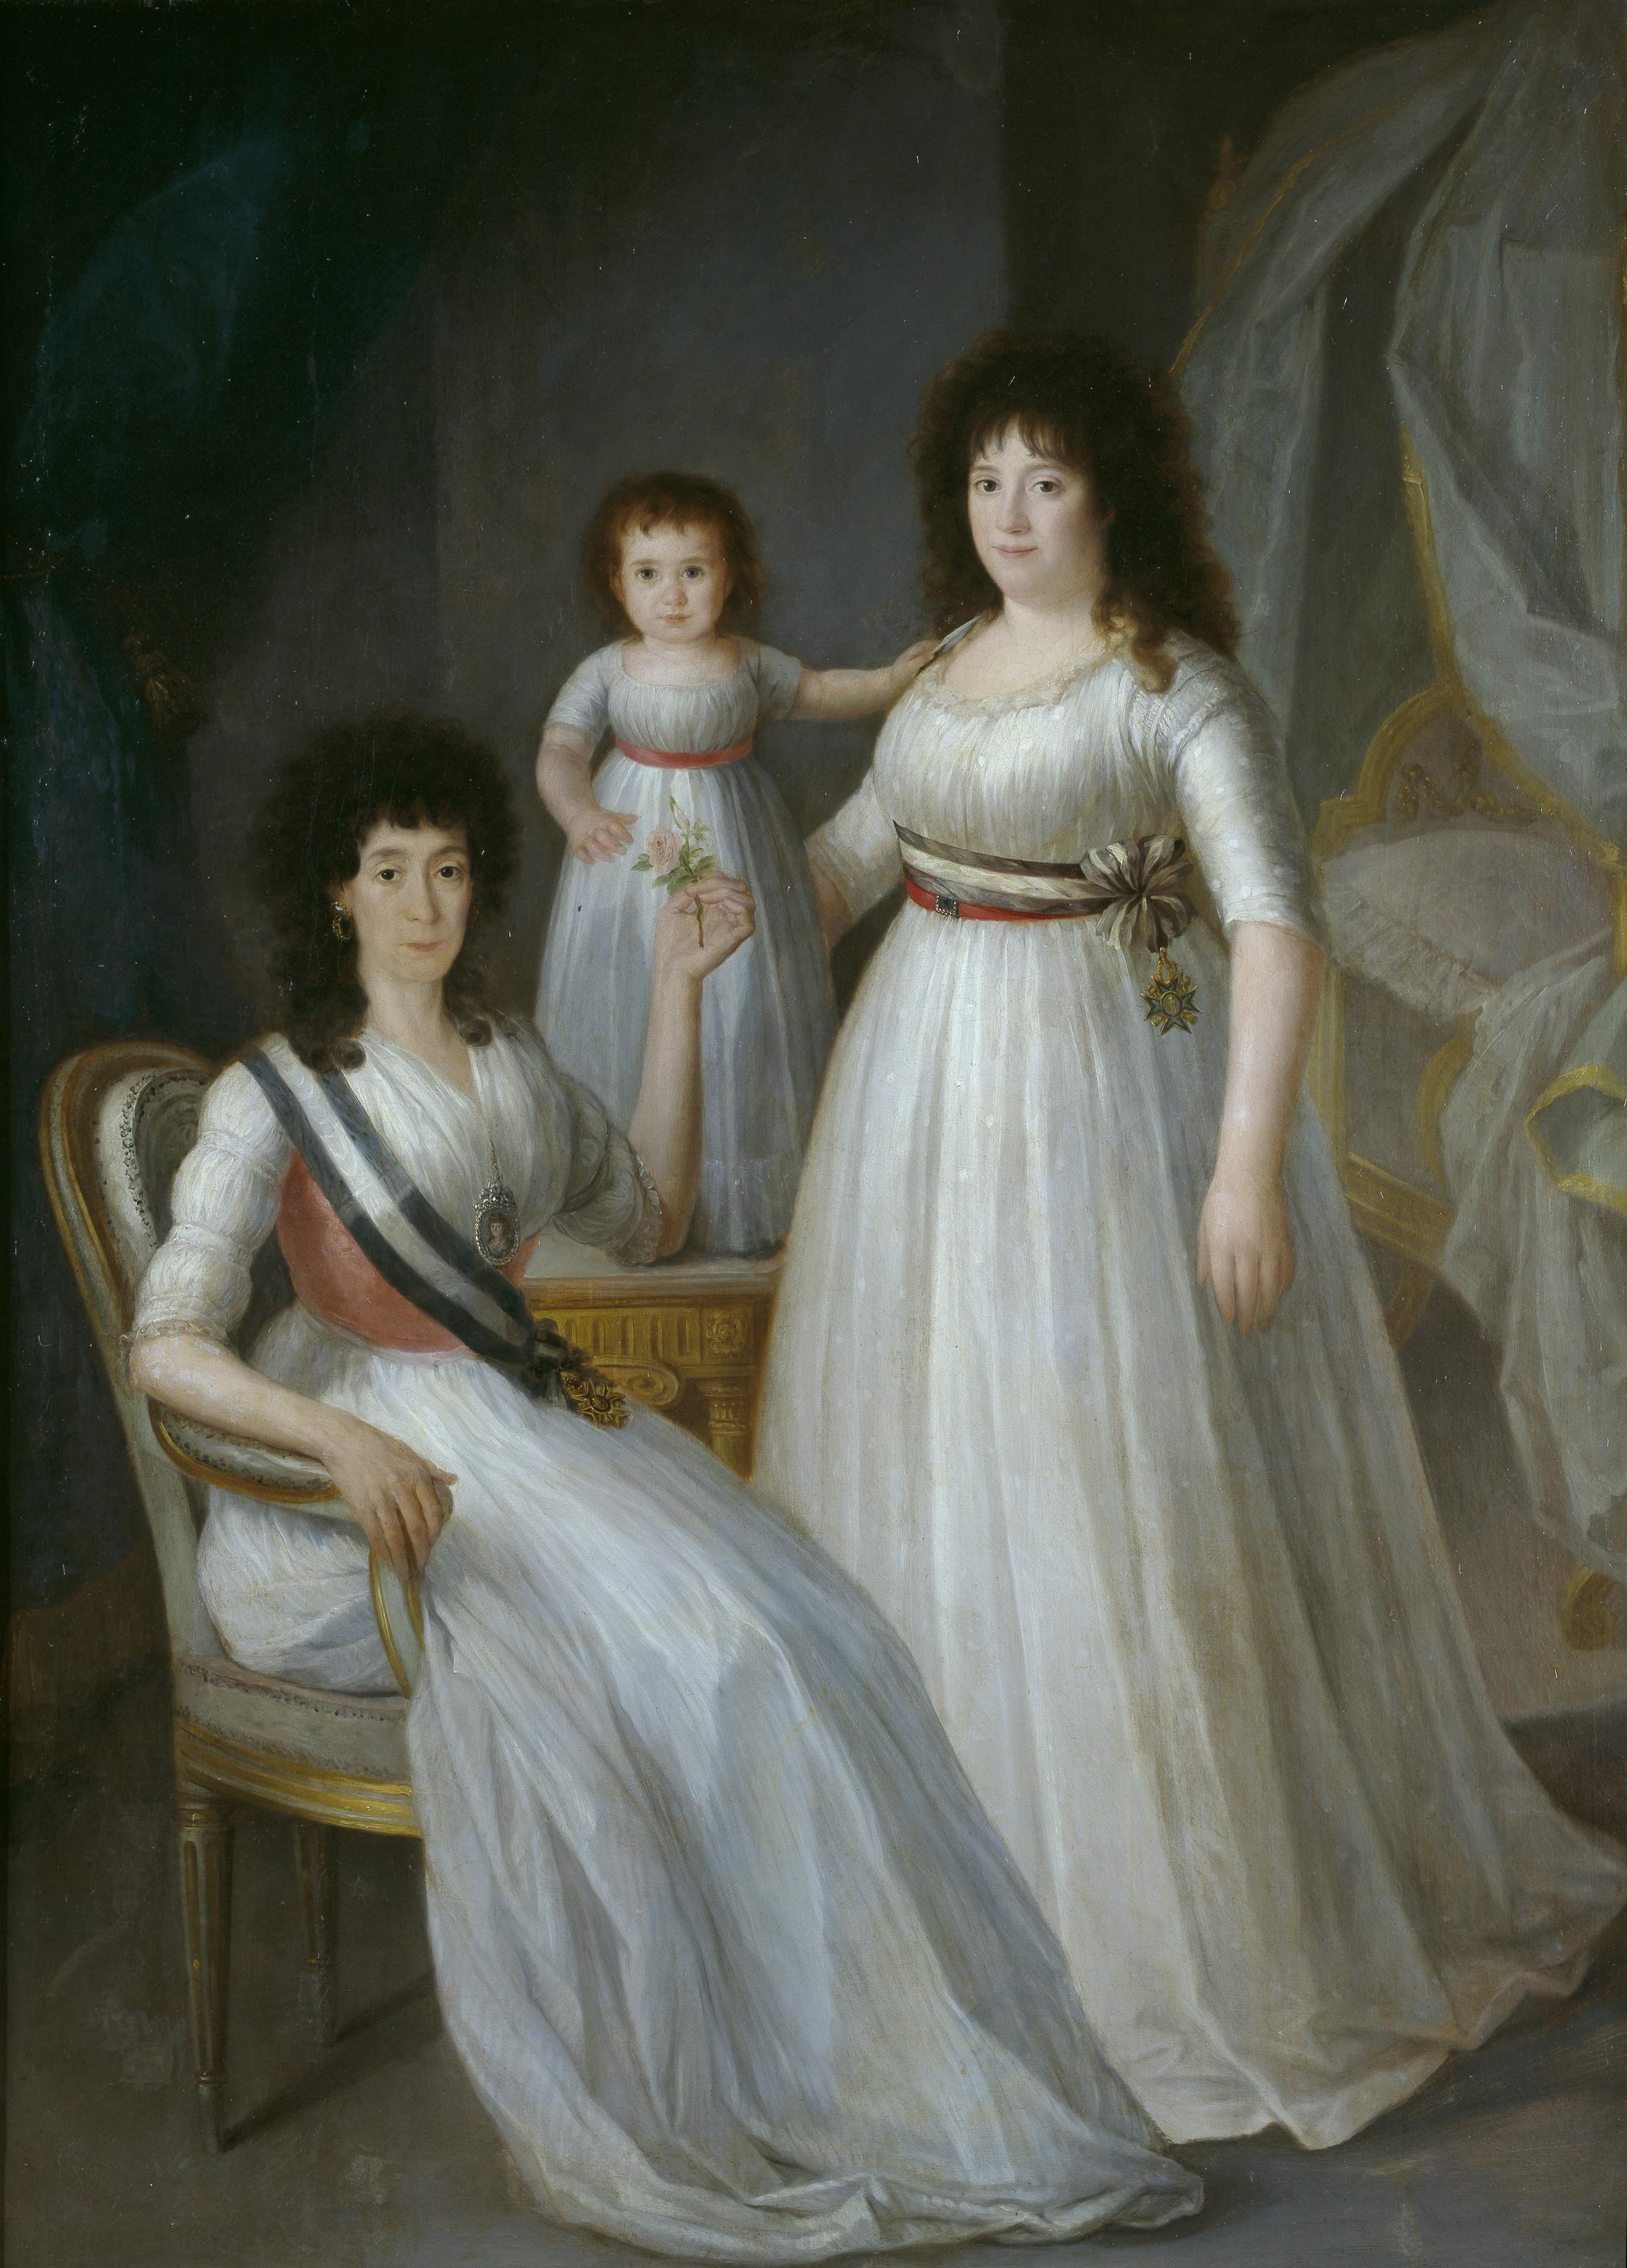 La duquesa de Osuna como Dama de la Orden de María Luisa